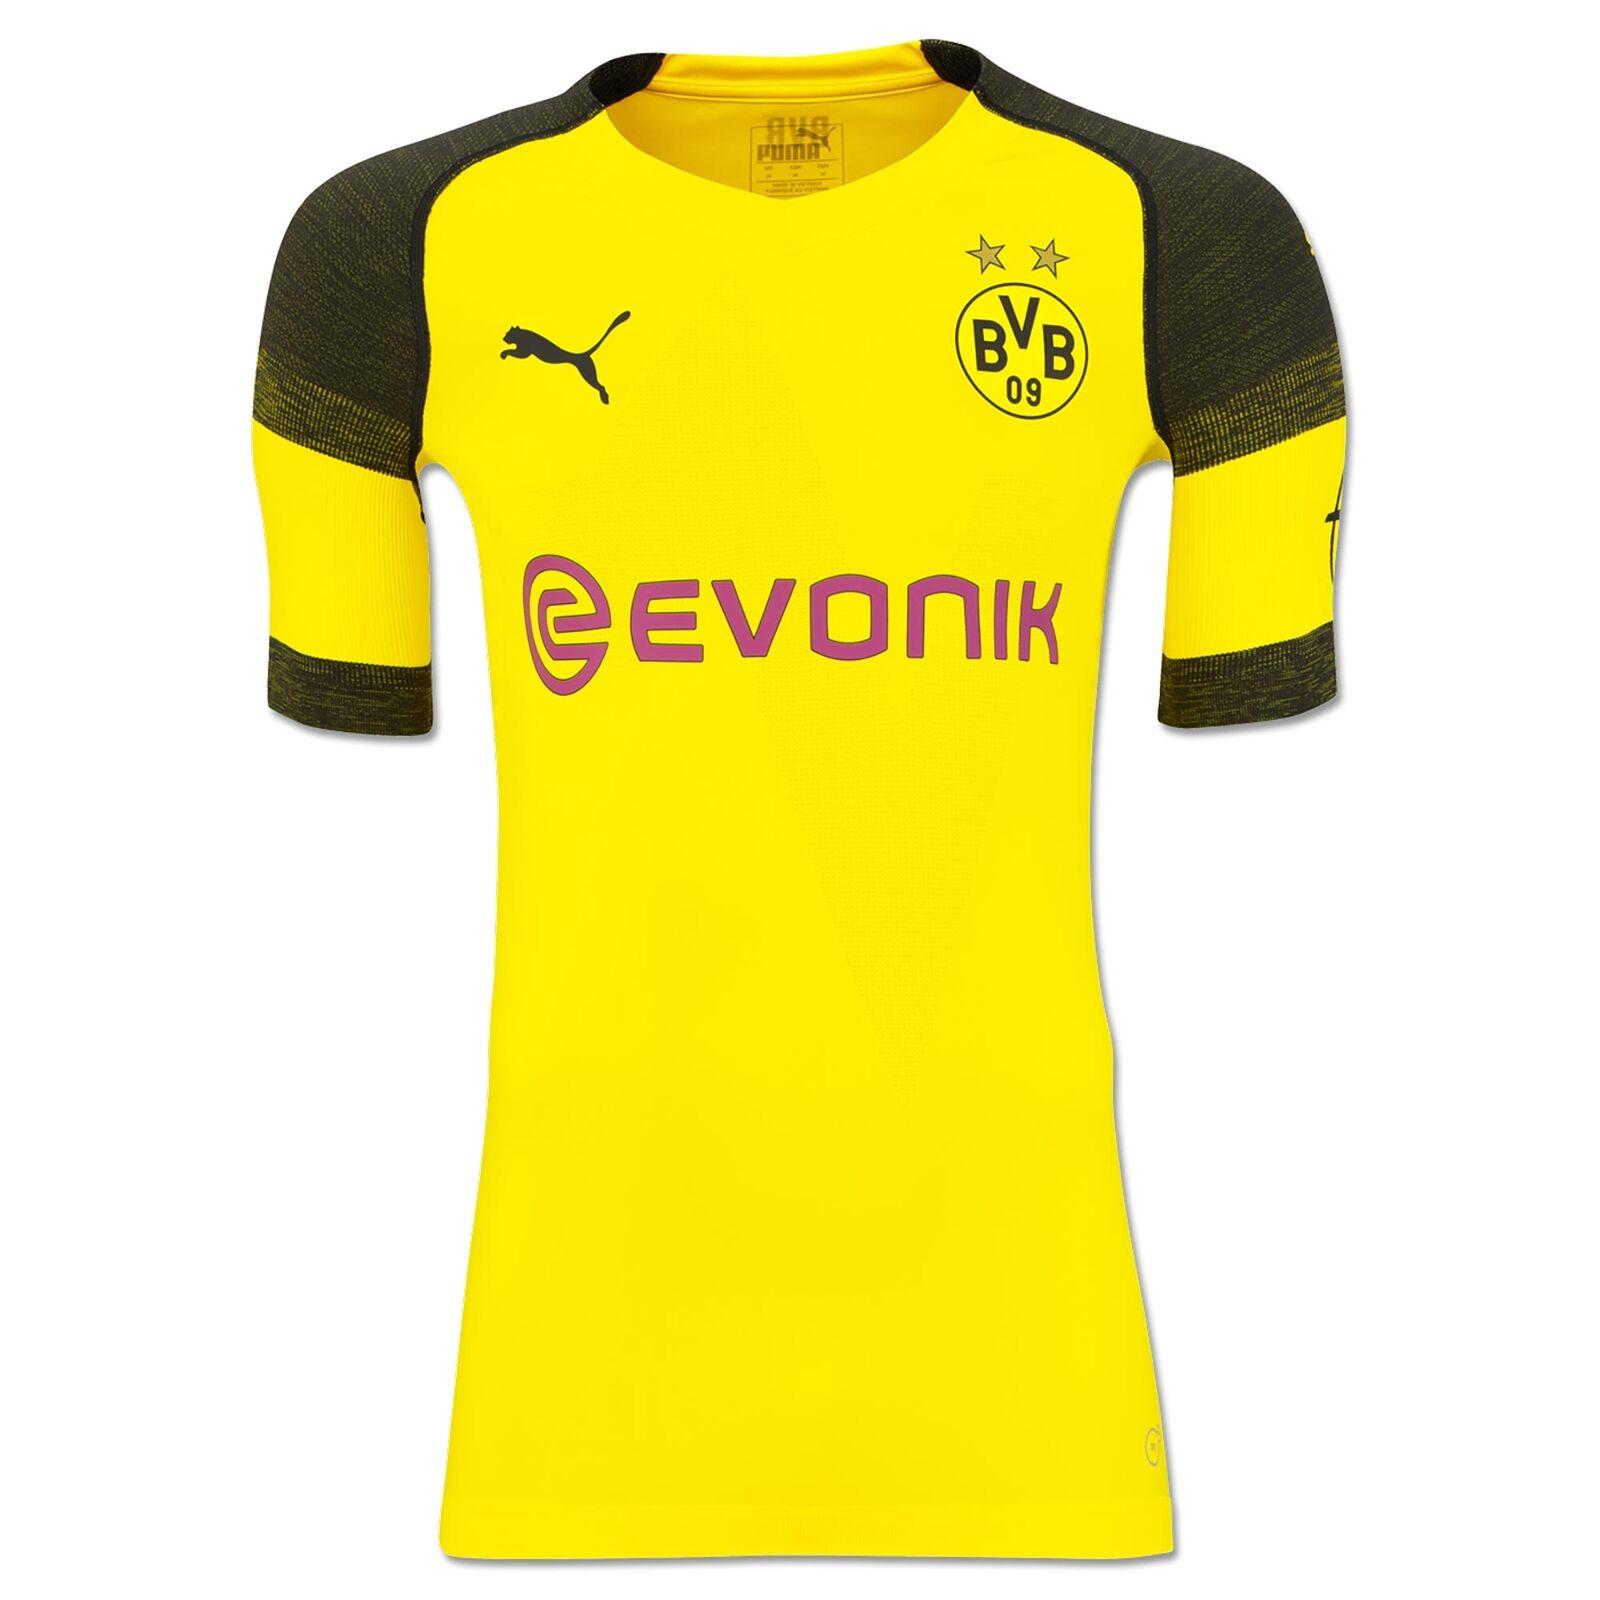 Offiziell BVB Borussia Dortmund Heim Shirt Fußball Trikot Oberteil 201819 Herren